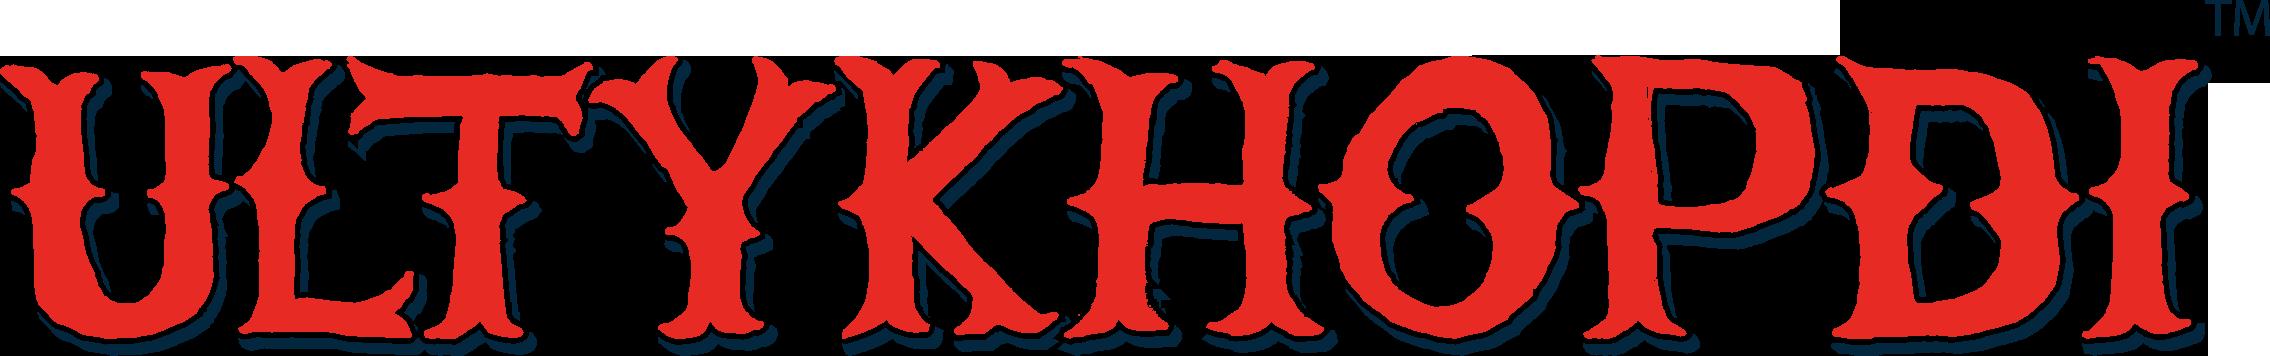 Ultykhopdi Logo